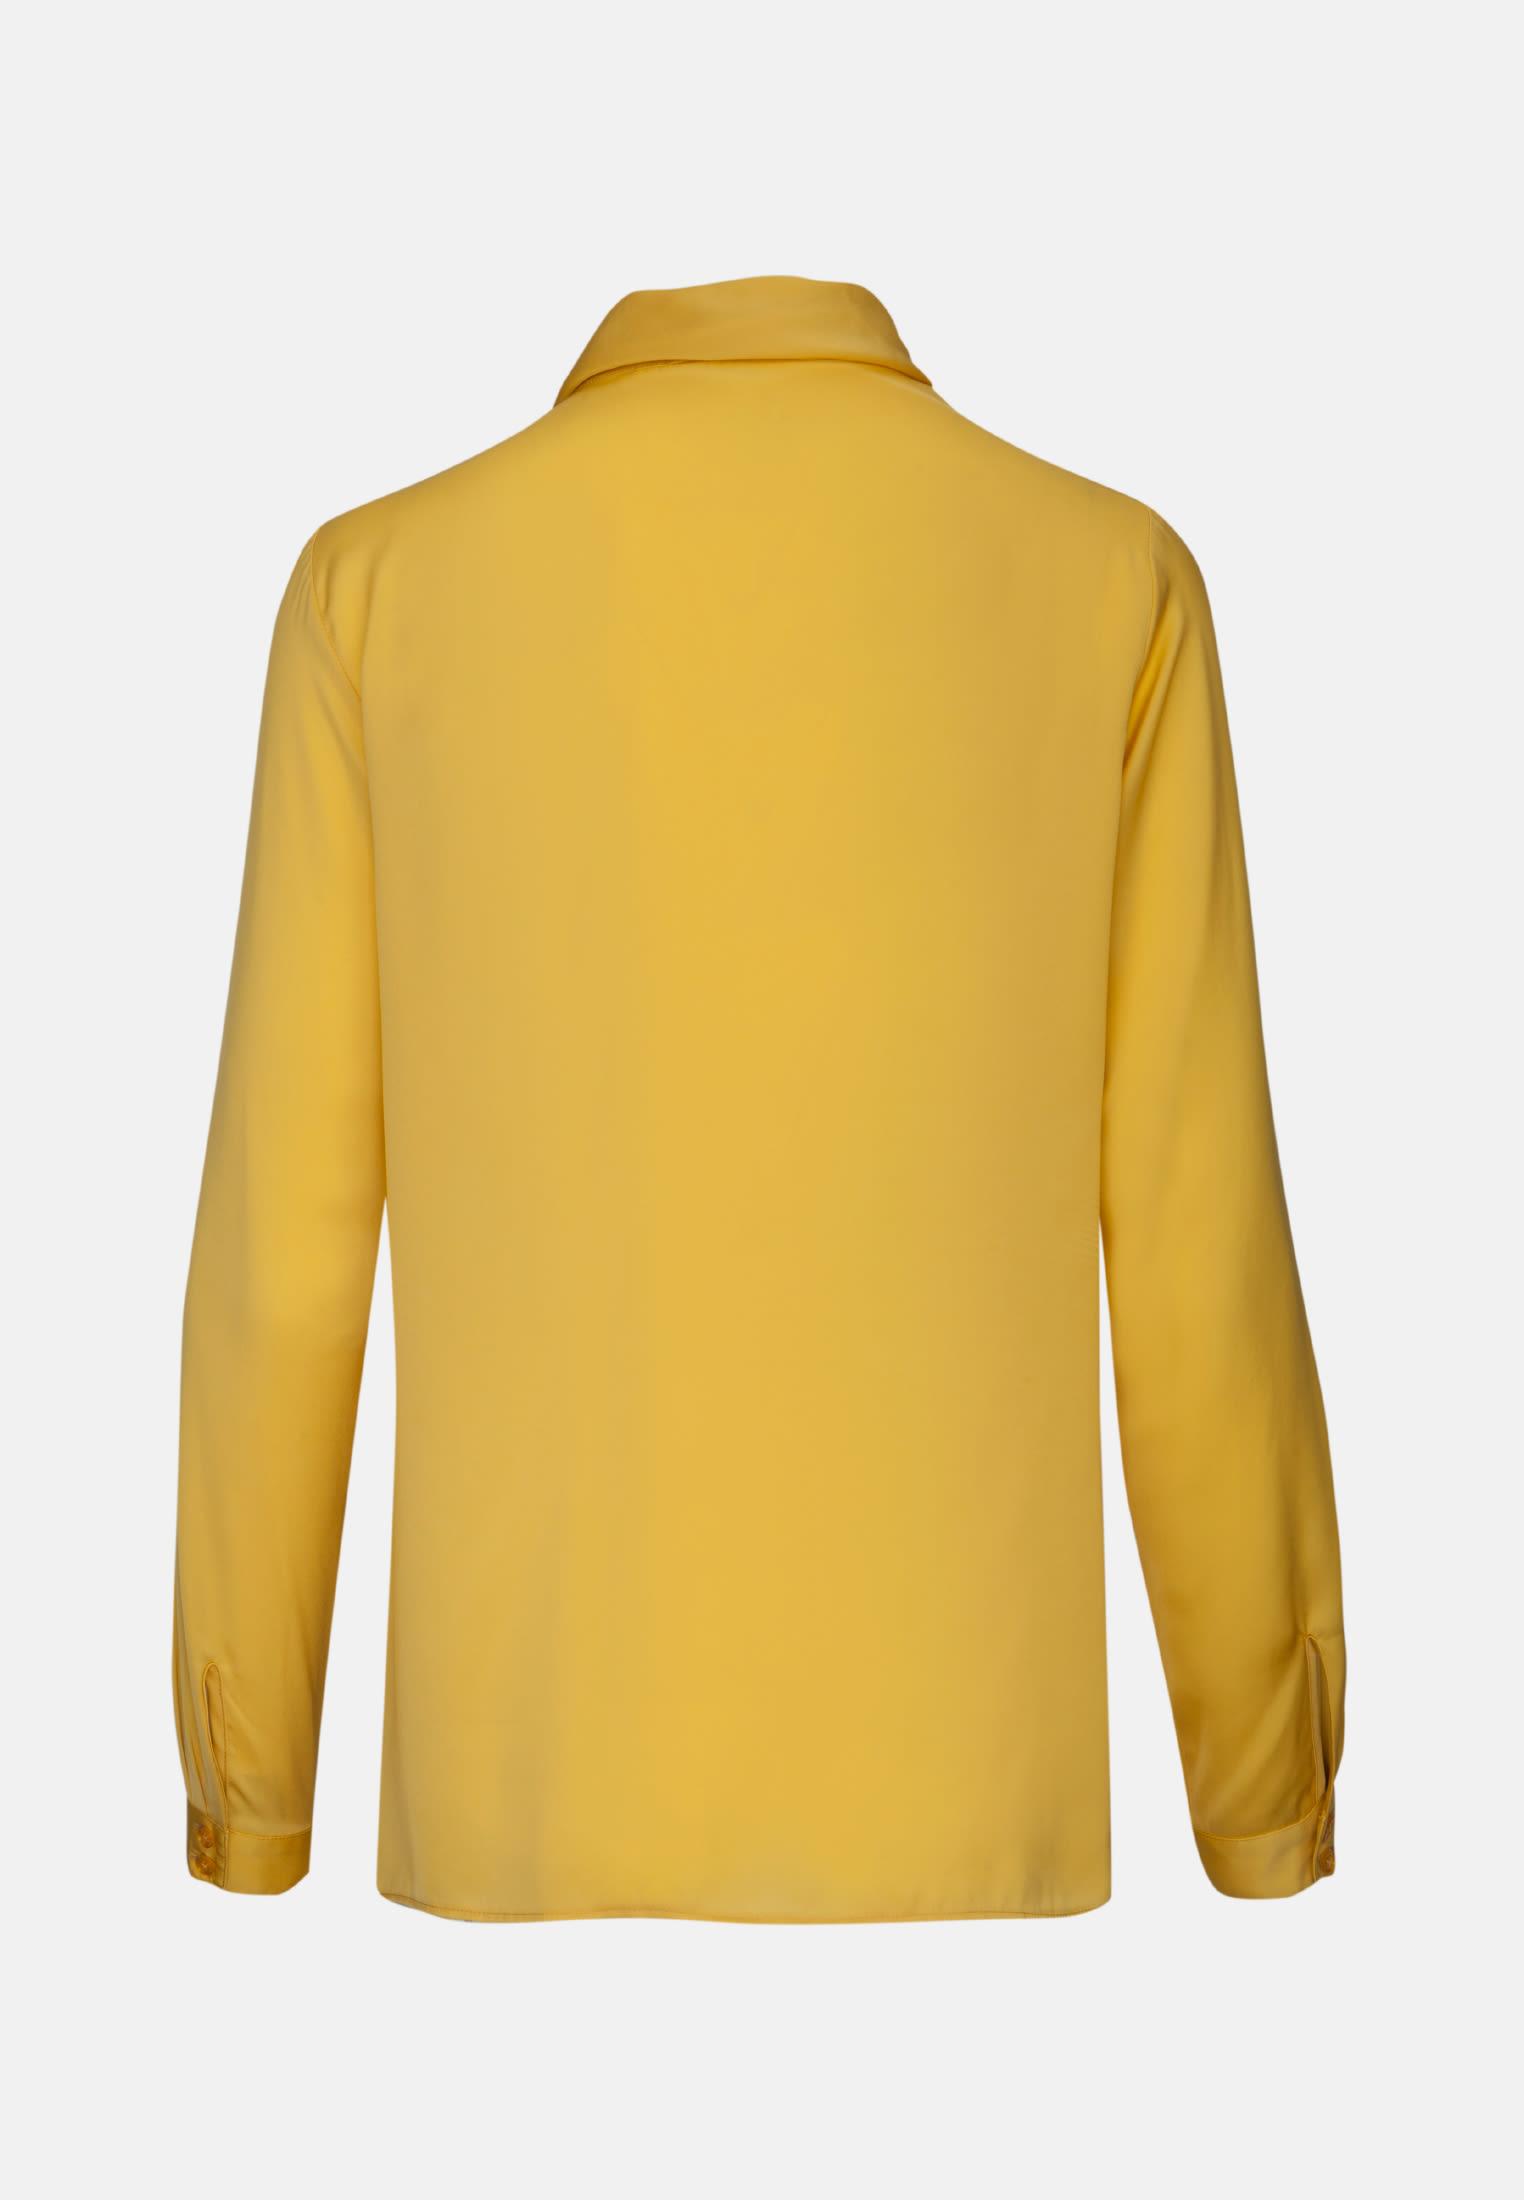 Satin Schluppenbluse aus 100% Polyester in Gelb |  Seidensticker Onlineshop